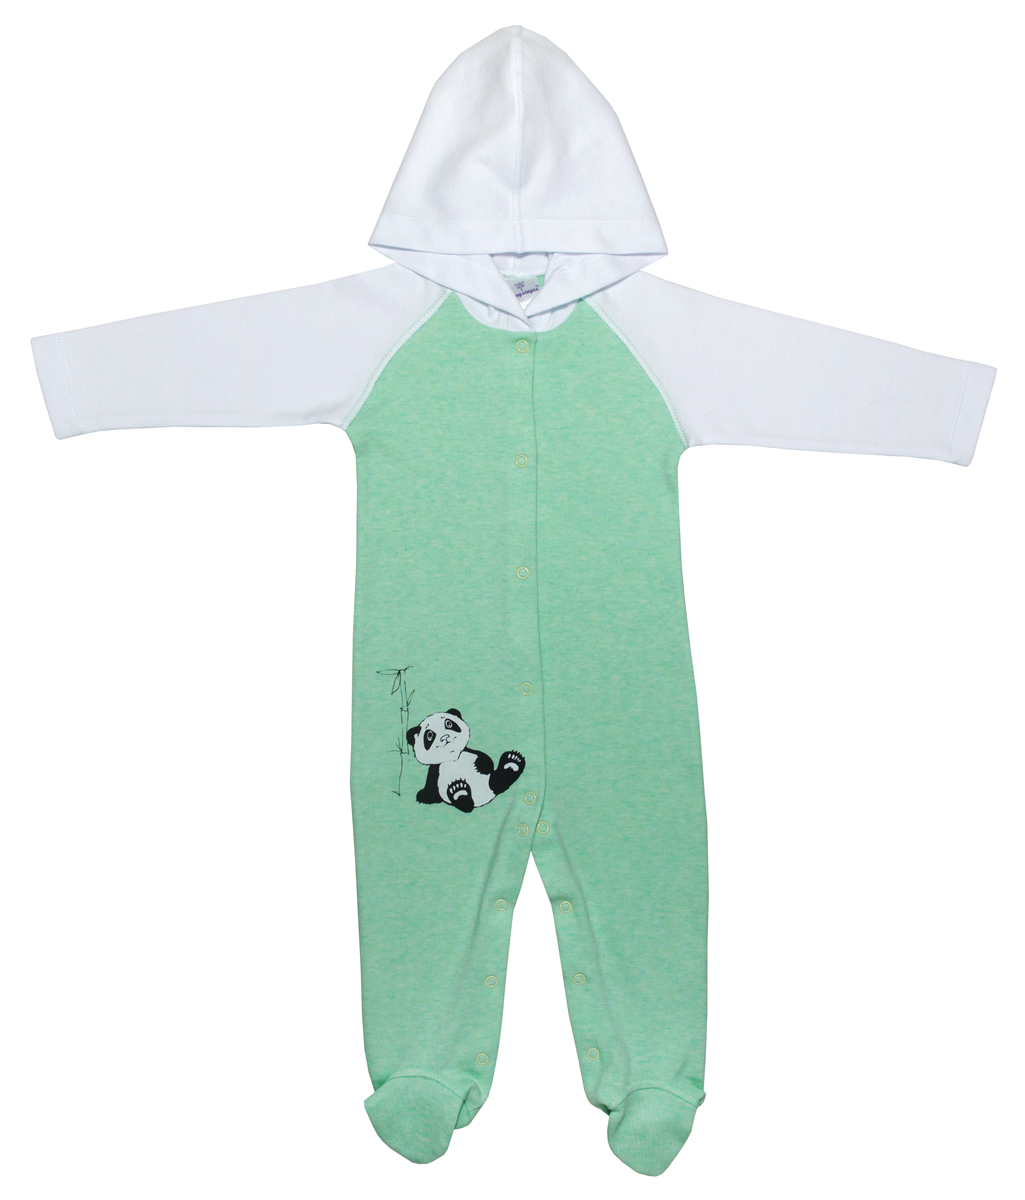 Комбинезон домашний для мальчика Мамуляндия Панда, цвет: белый, зеленый. 17-902. Размер 8017-902Комбинезон домашний для мальчика Мамуляндия с длинными рукавами и капюшоном послужит идеальным дополнением к гардеробу вашего малыша, обеспечивая ему наибольший комфорт. Изготовленный из натурального хлопка, он необычайно мягкий и легкий, не раздражает нежную кожу ребенка и хорошо вентилируется, а эластичные швы приятны телу младенца и не препятствуют его движениям. Удобные застежки-кнопки помогают легко переодеть малыша.